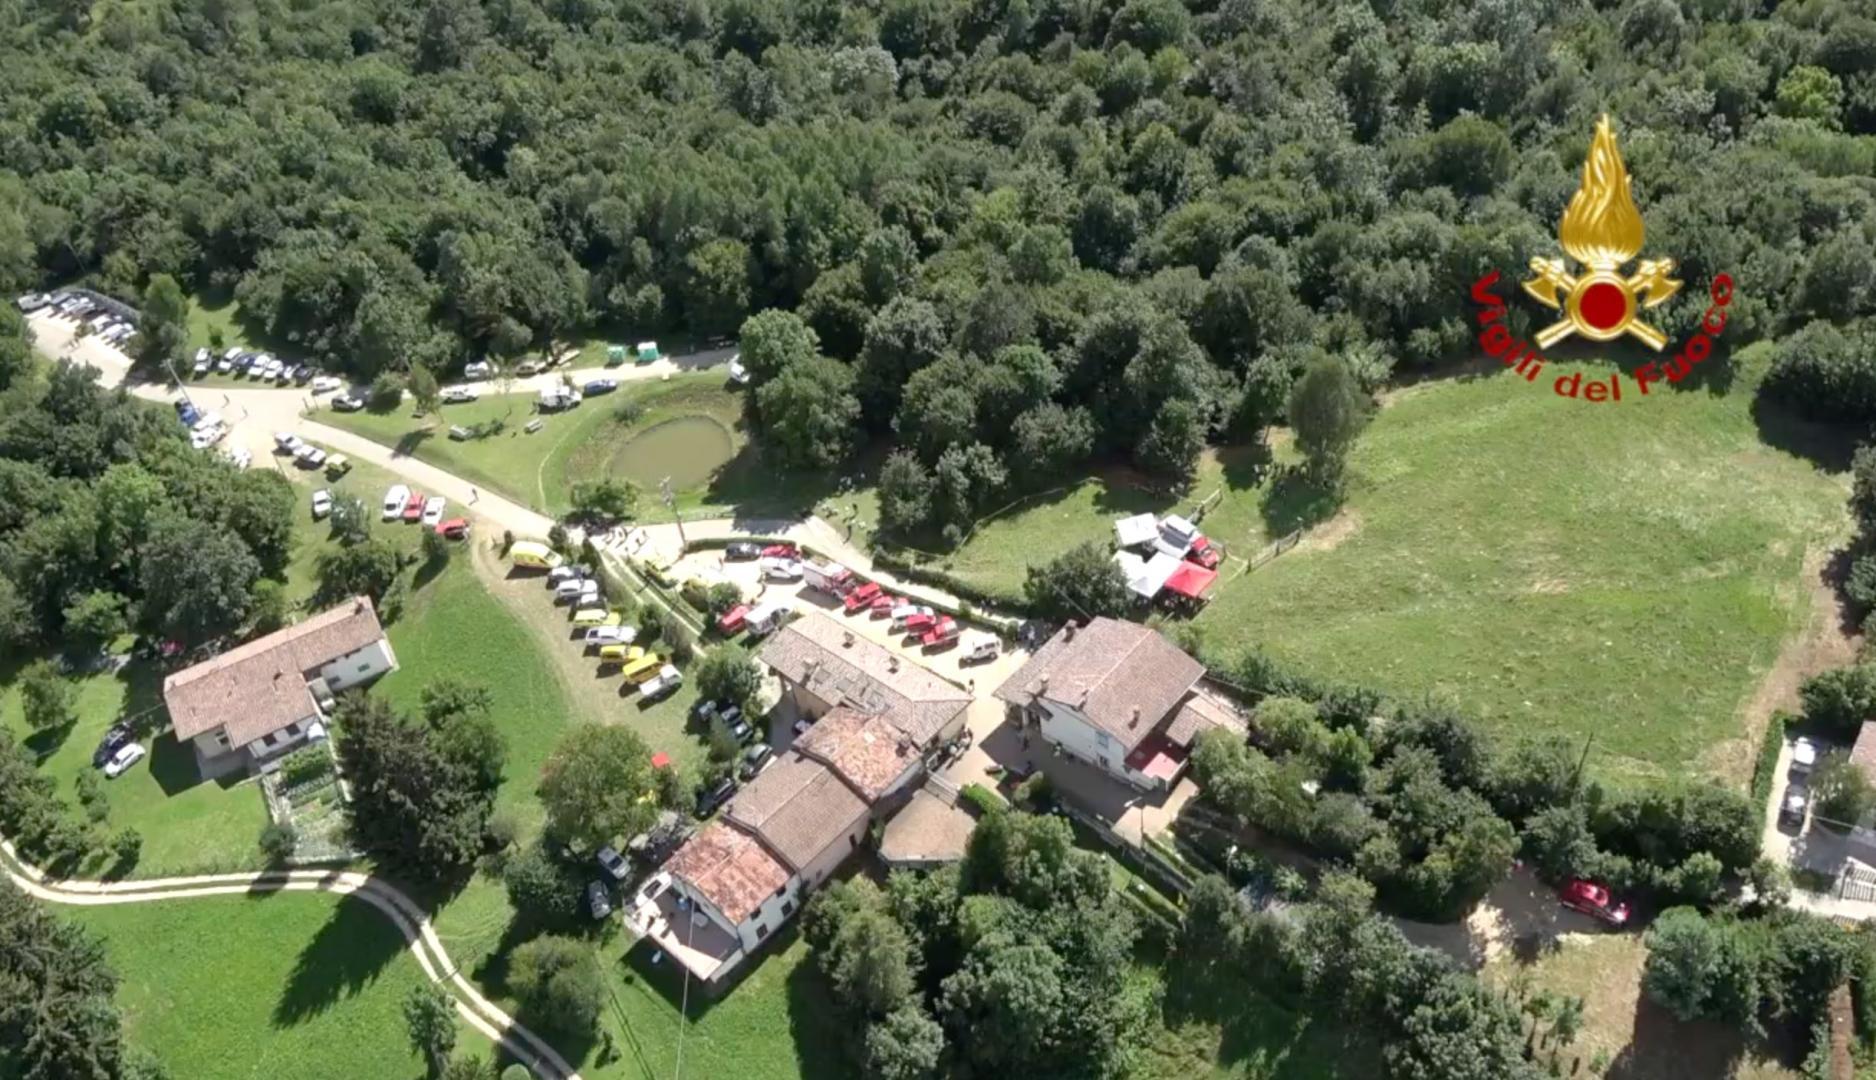 Brescia, ragazzina dispersa nei boschi: la zona delle ricerche